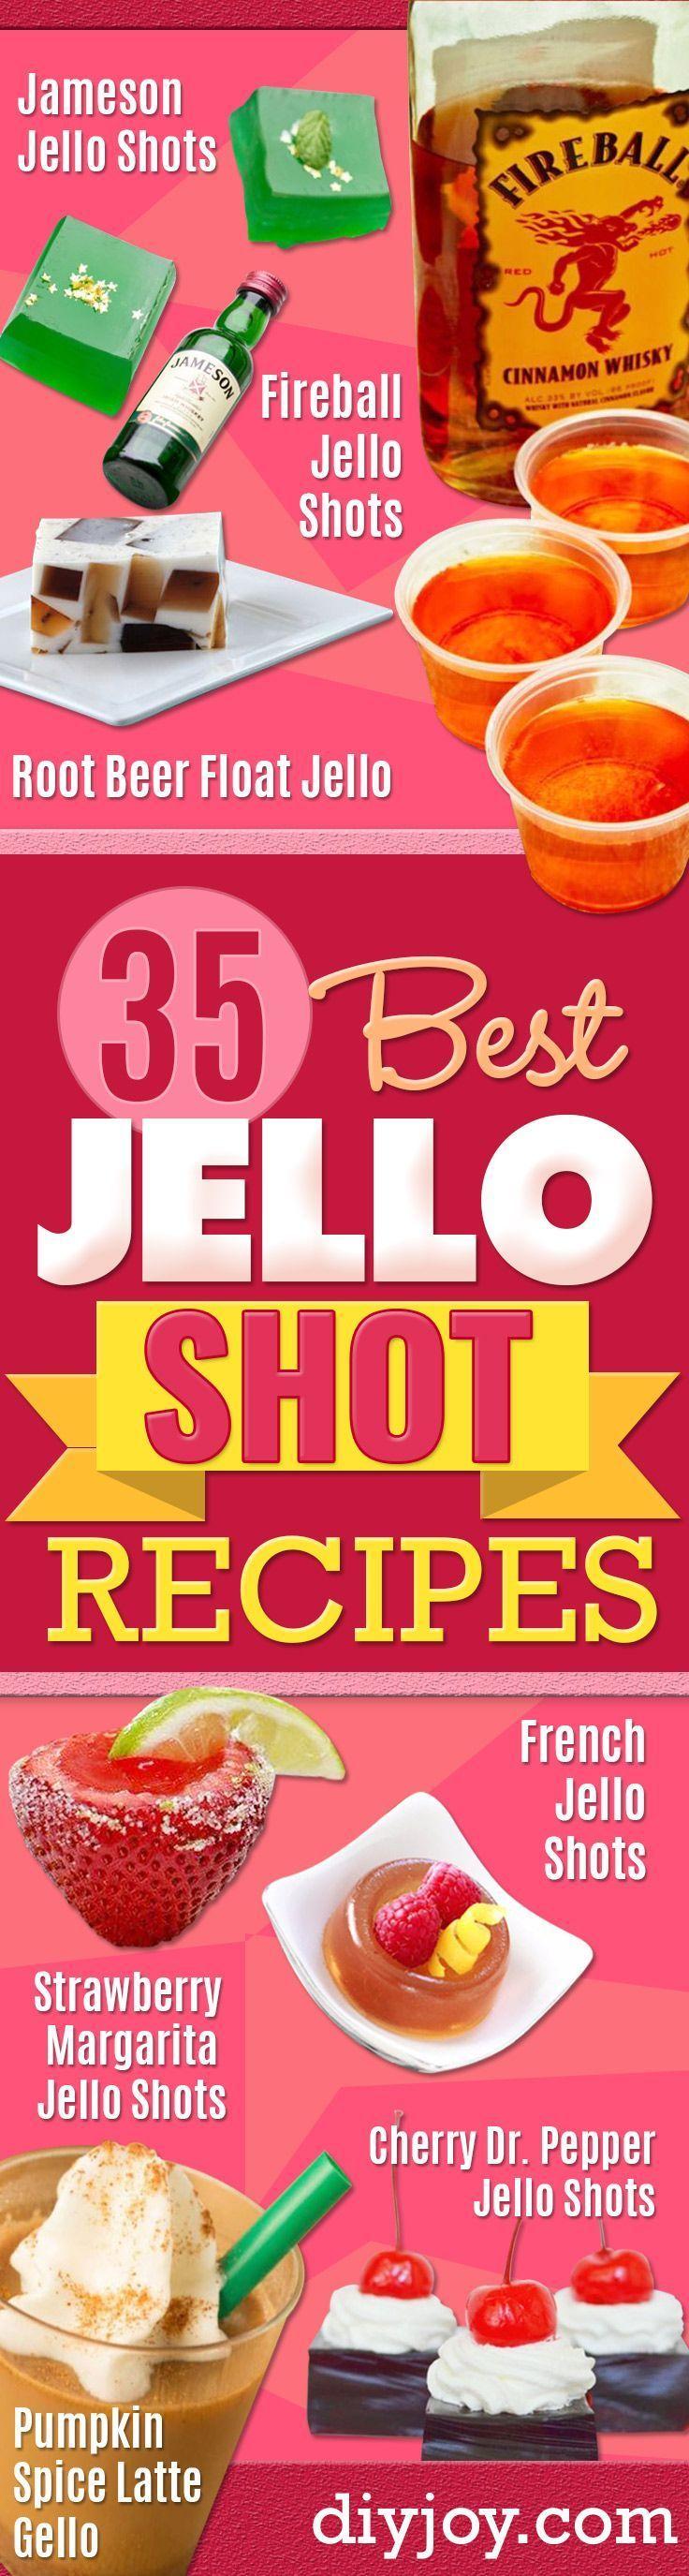 35 Beste Jello Shot Rezepte Fur Ihre Nachste Party Jello Shot Recipes Beste Fur Ihre Jello Jelloshotreze Jello Shot Recipes Shot Recipes Jello Shots